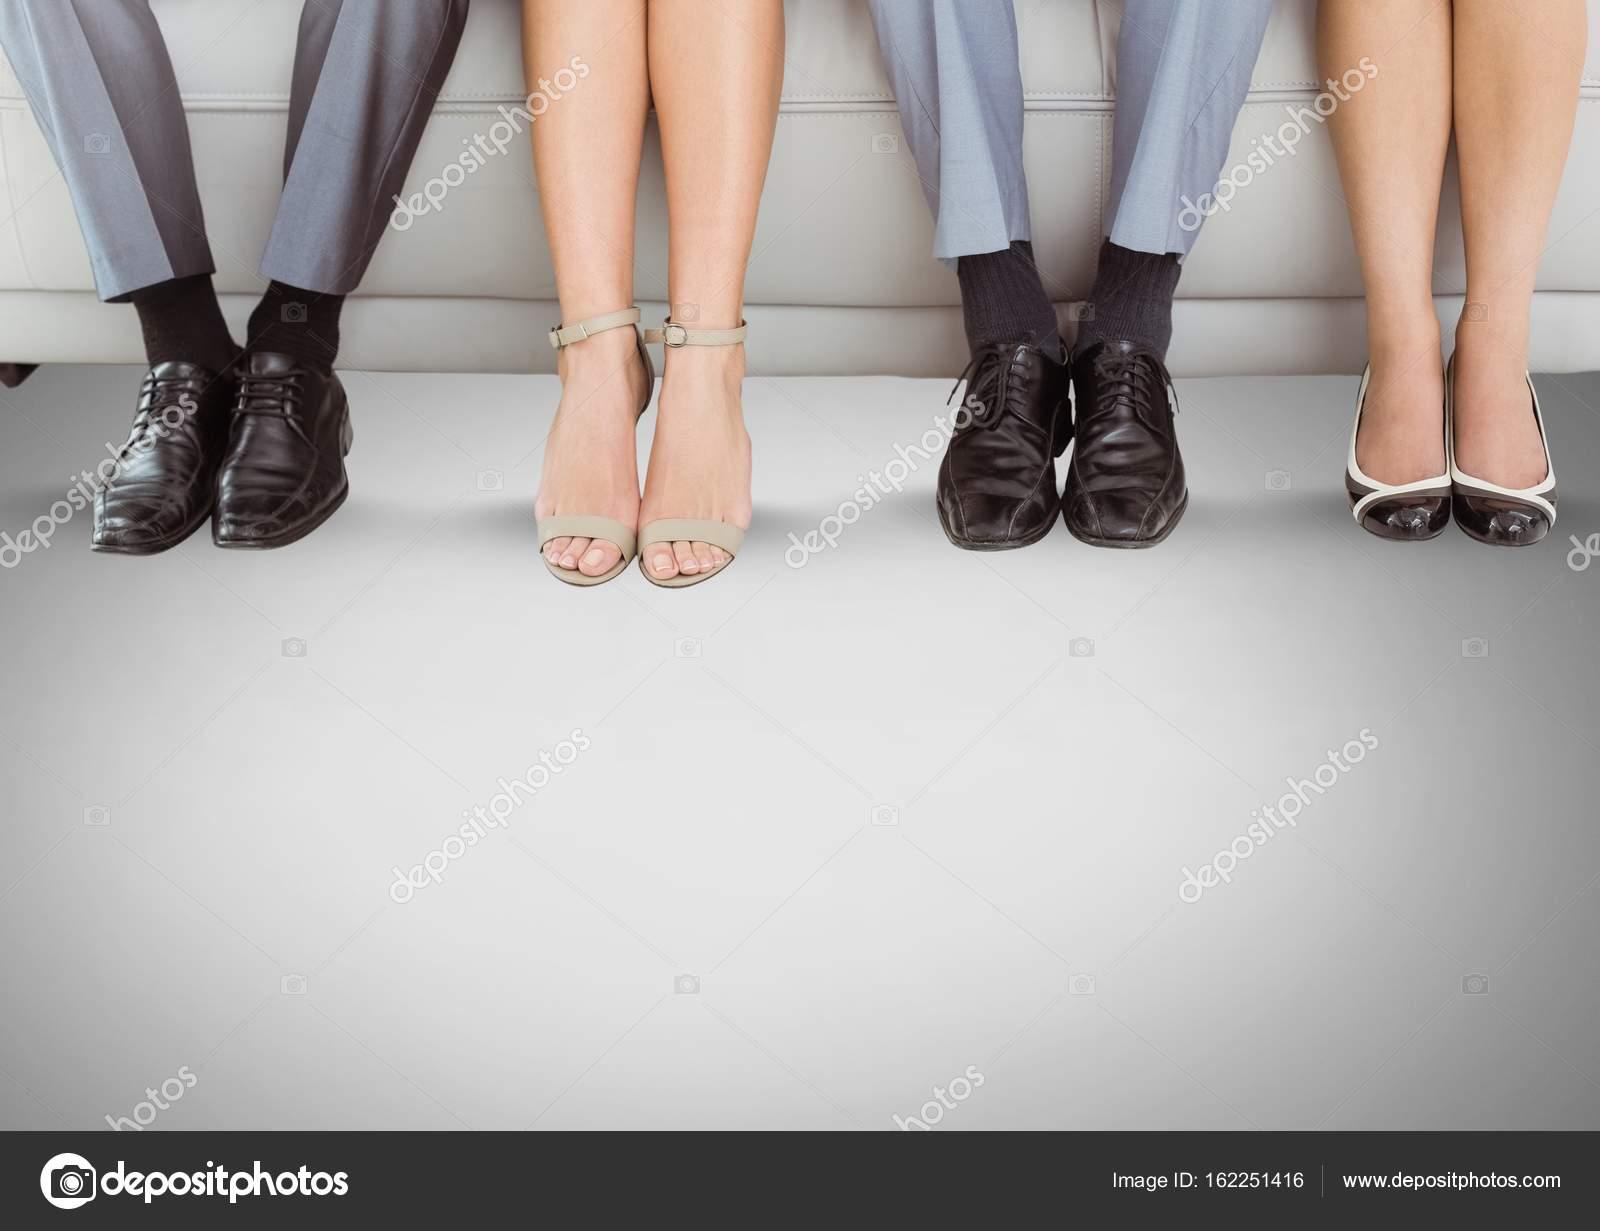 Menschen Beine und Füße auf couch — Stockfoto © vectorfusionart ...